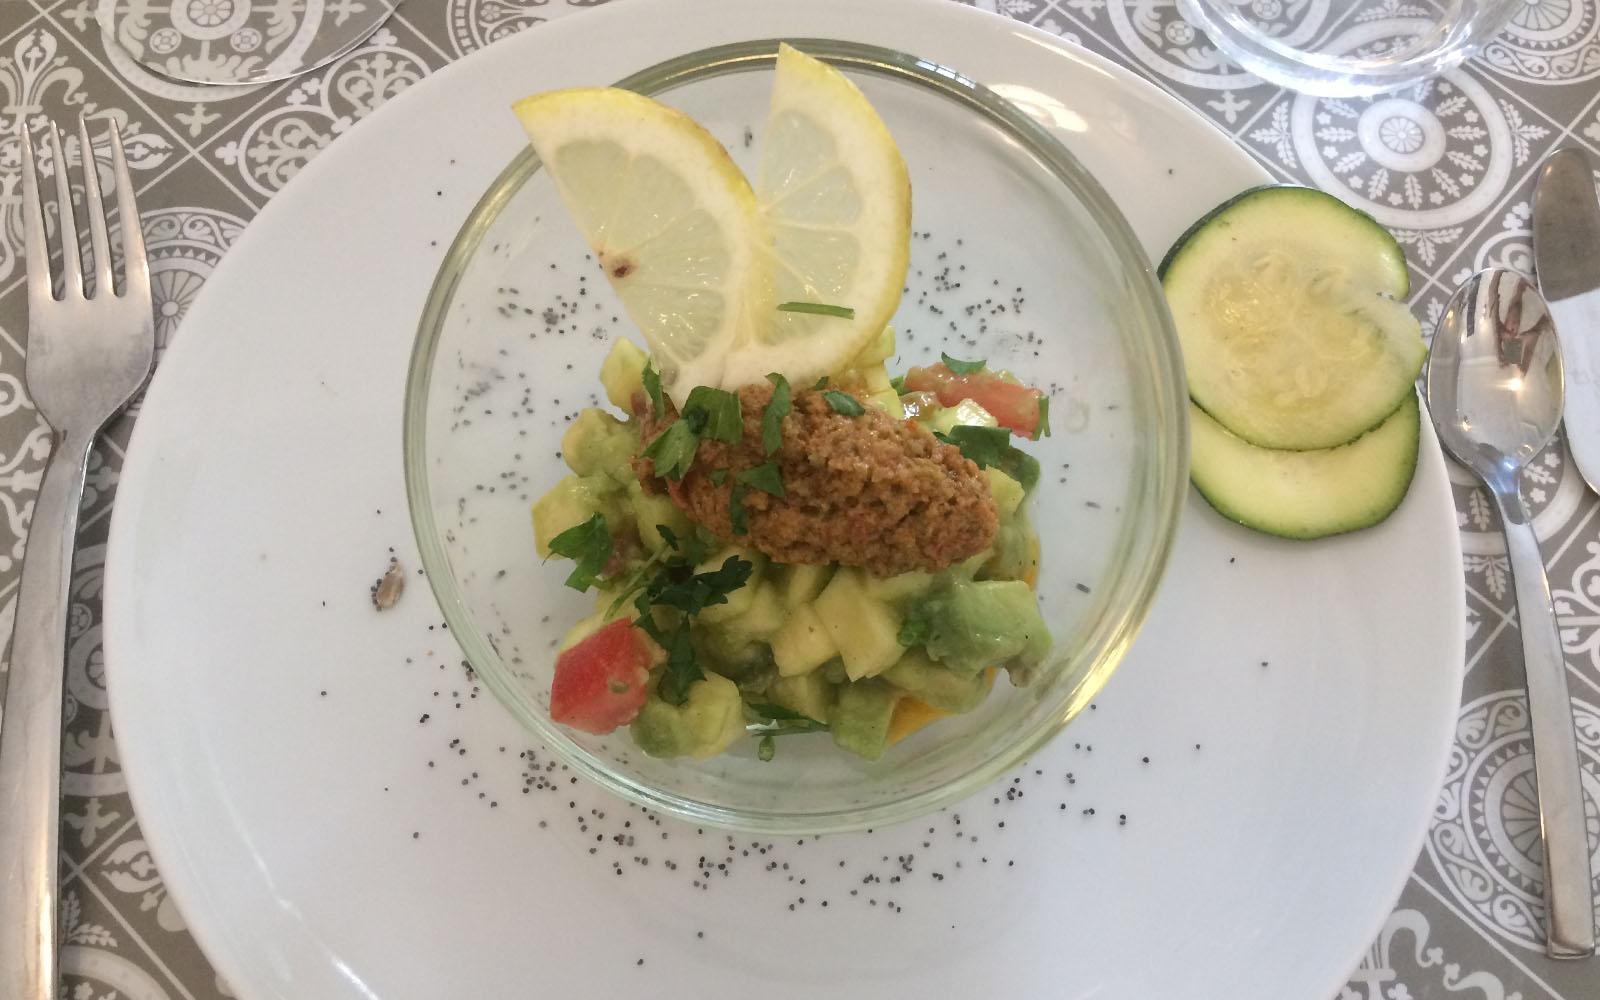 La tartare vegetariana di avocado bio, un antipasto del ristorante La Maison.